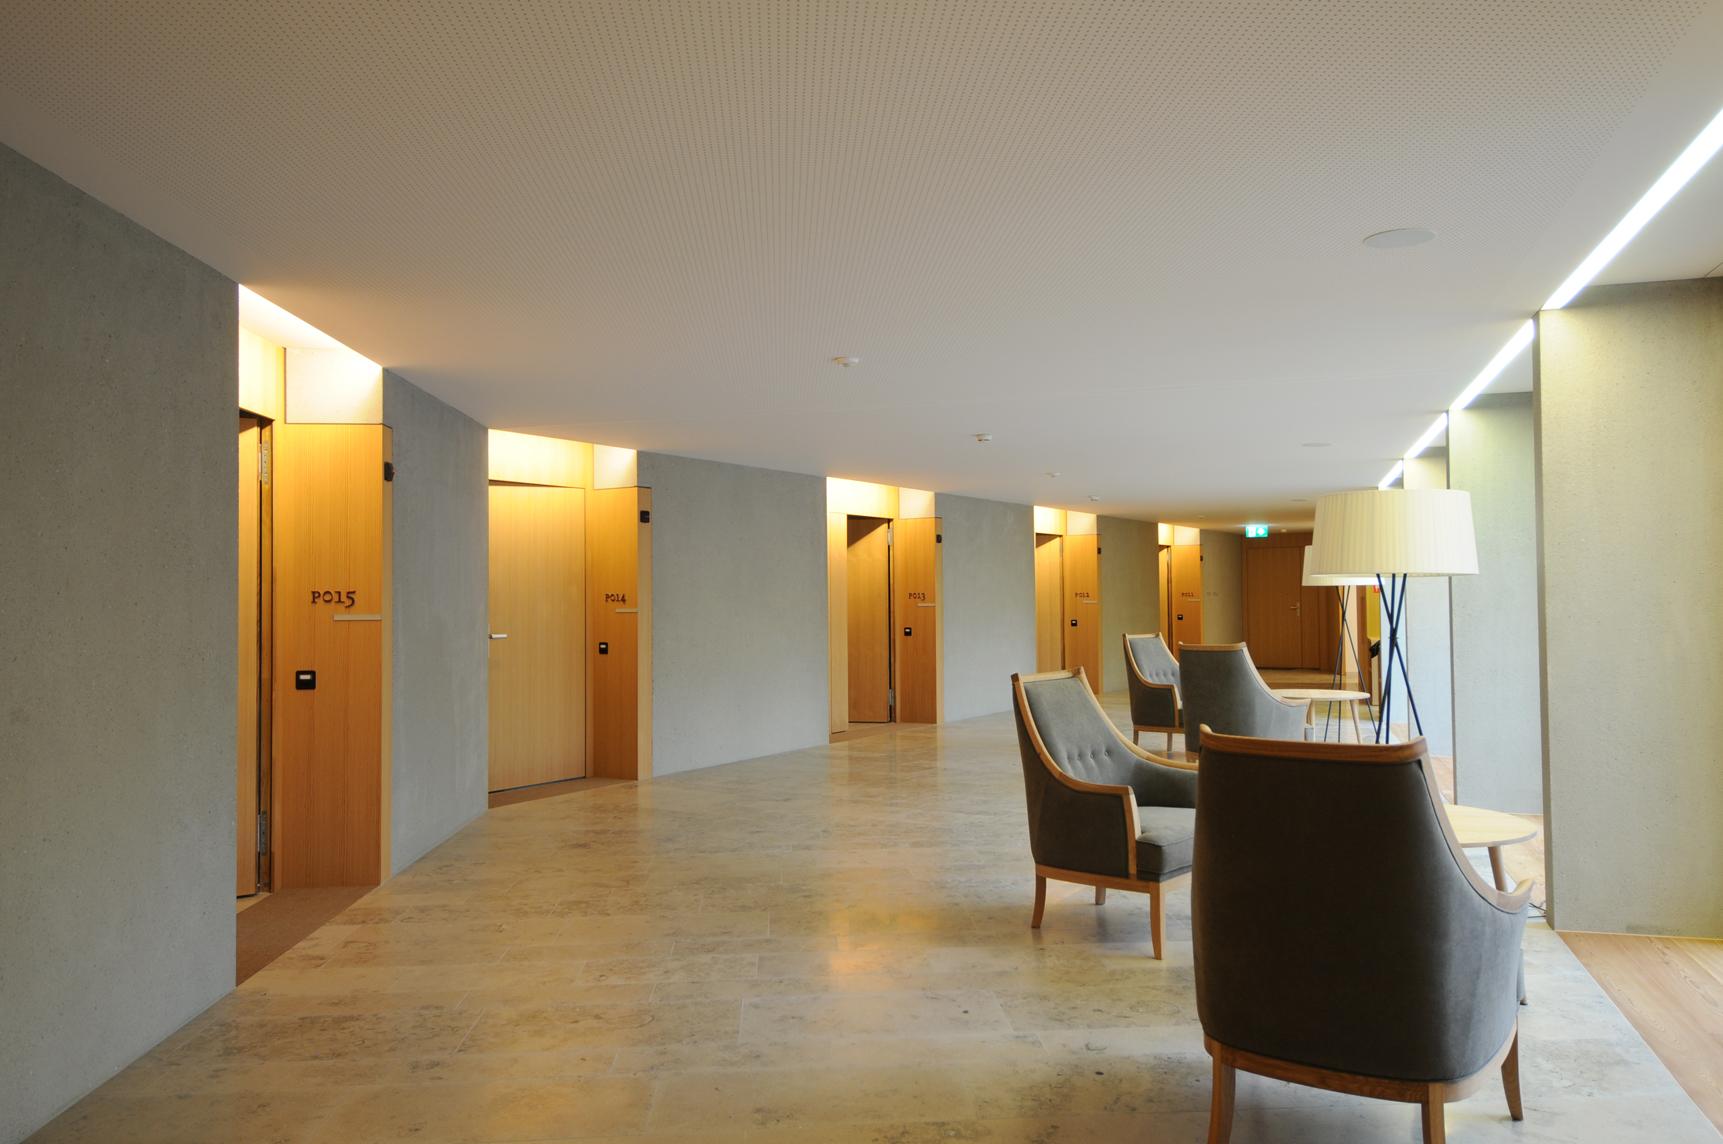 alters und pflegeheim langr ti einsiedeln steinegger baurealisation gmbh. Black Bedroom Furniture Sets. Home Design Ideas